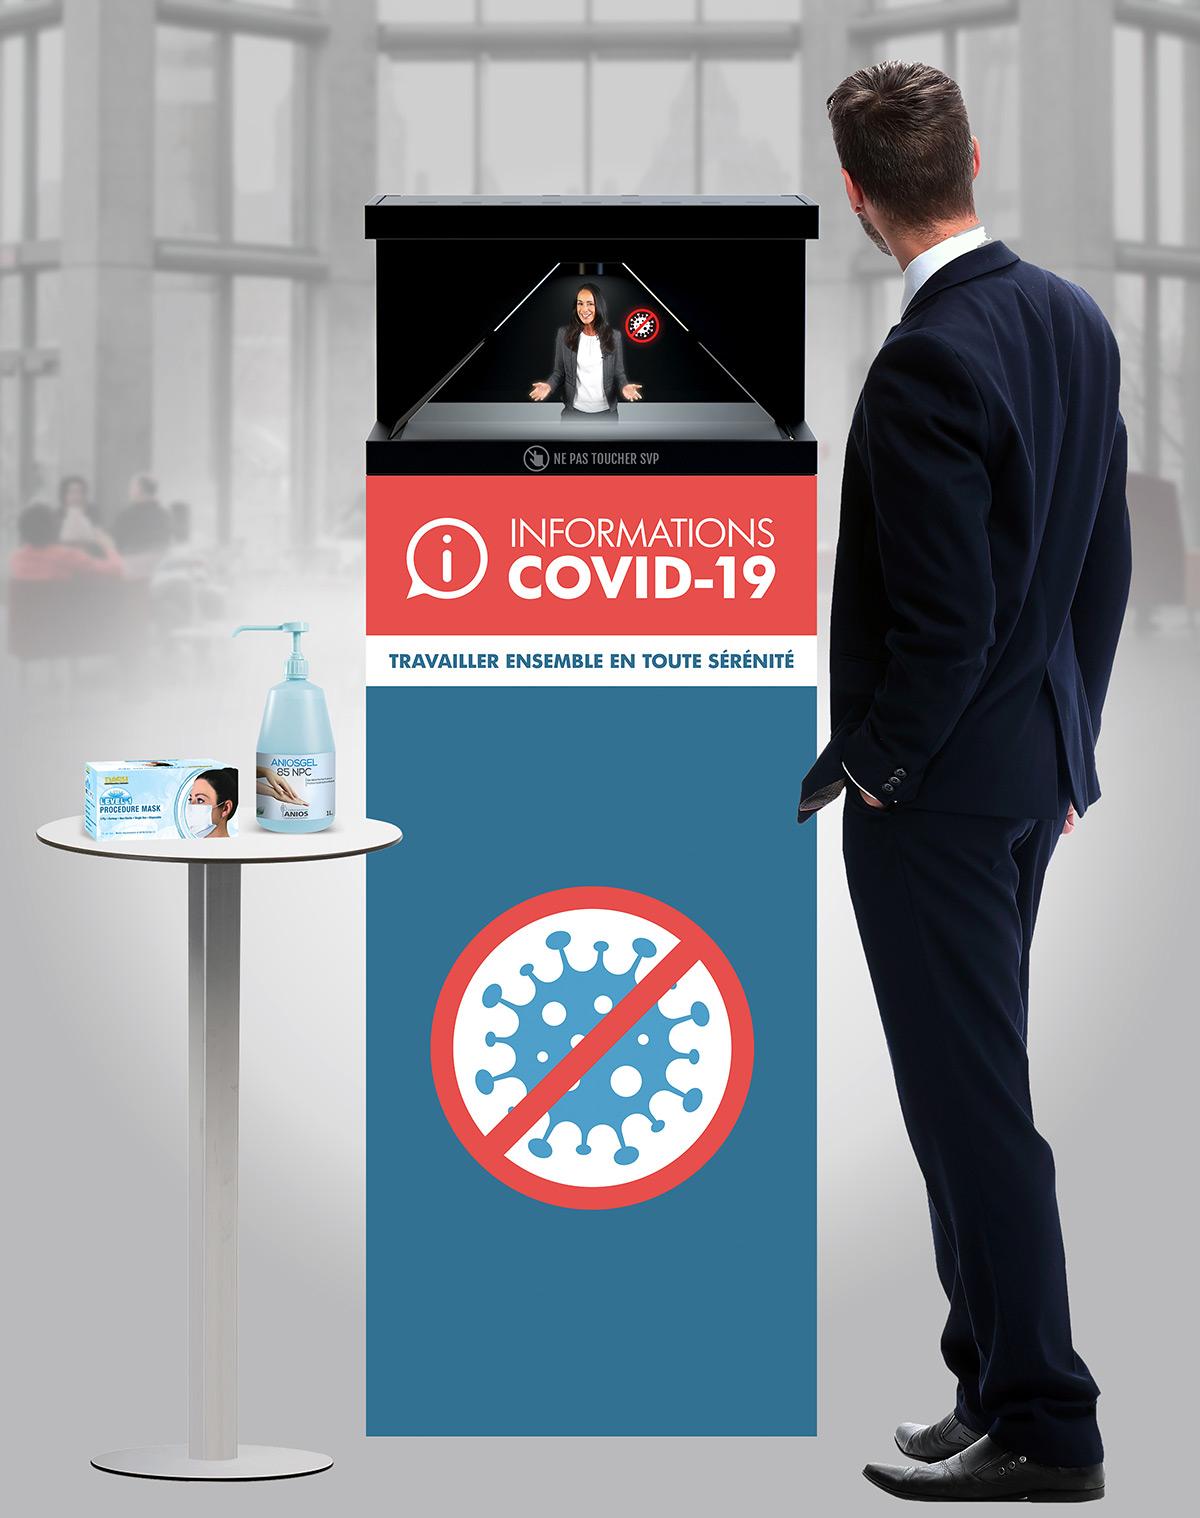 Borne holographique prévention COVID-19